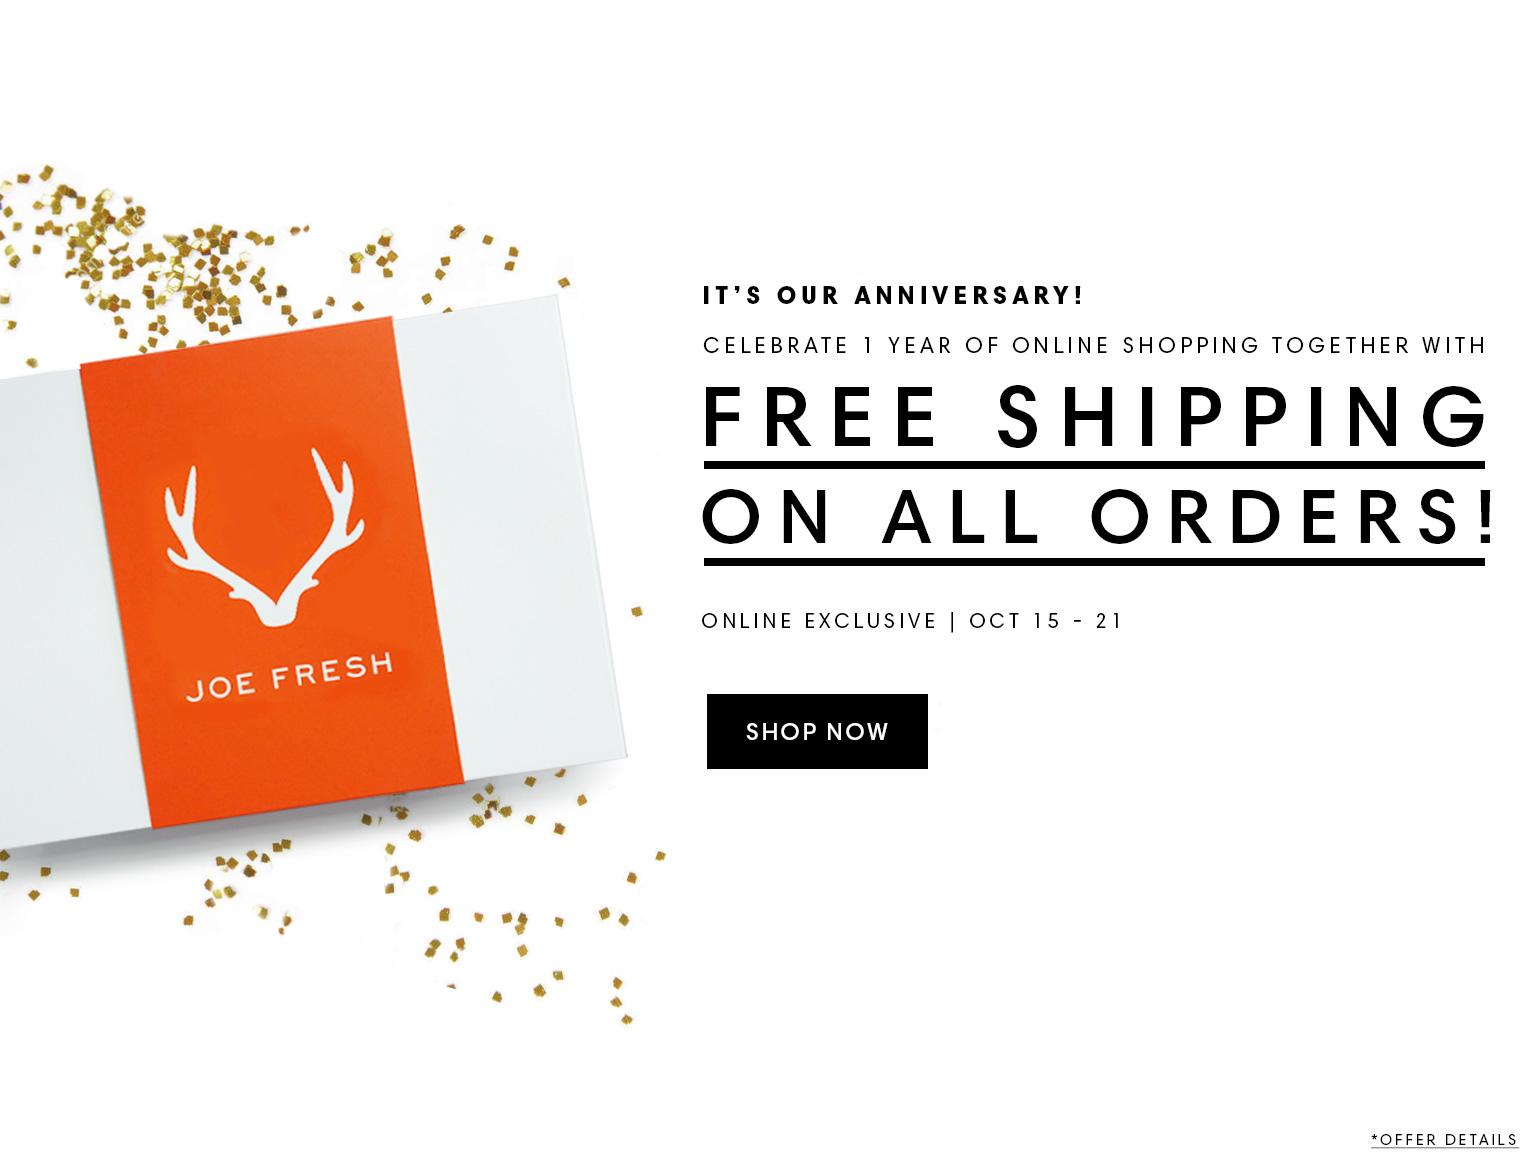 Joe Fresh Online Sales